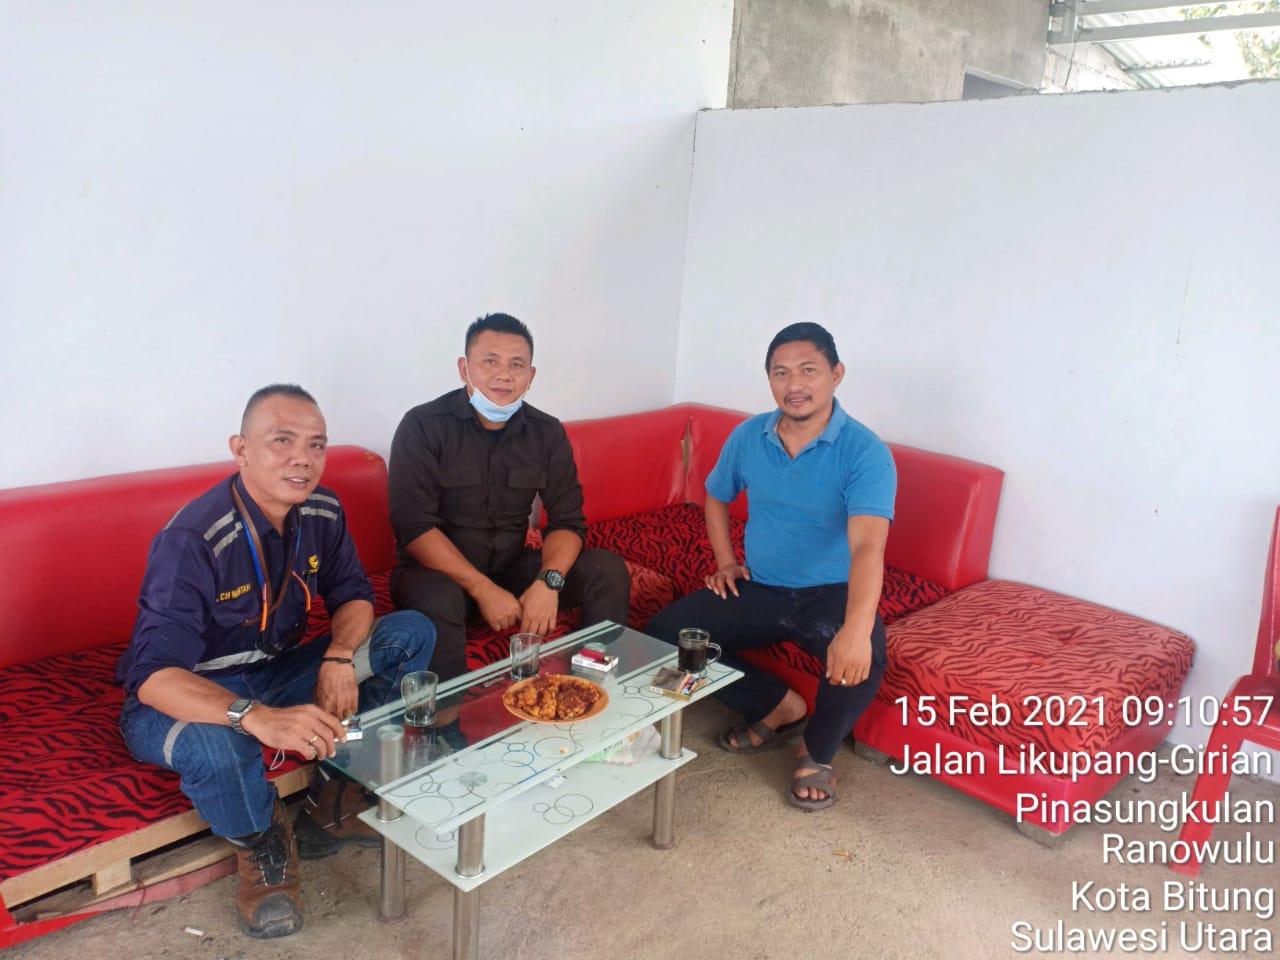 Meydi Wantah bersama warga BItung Sosialisasikan Pamswakarsa